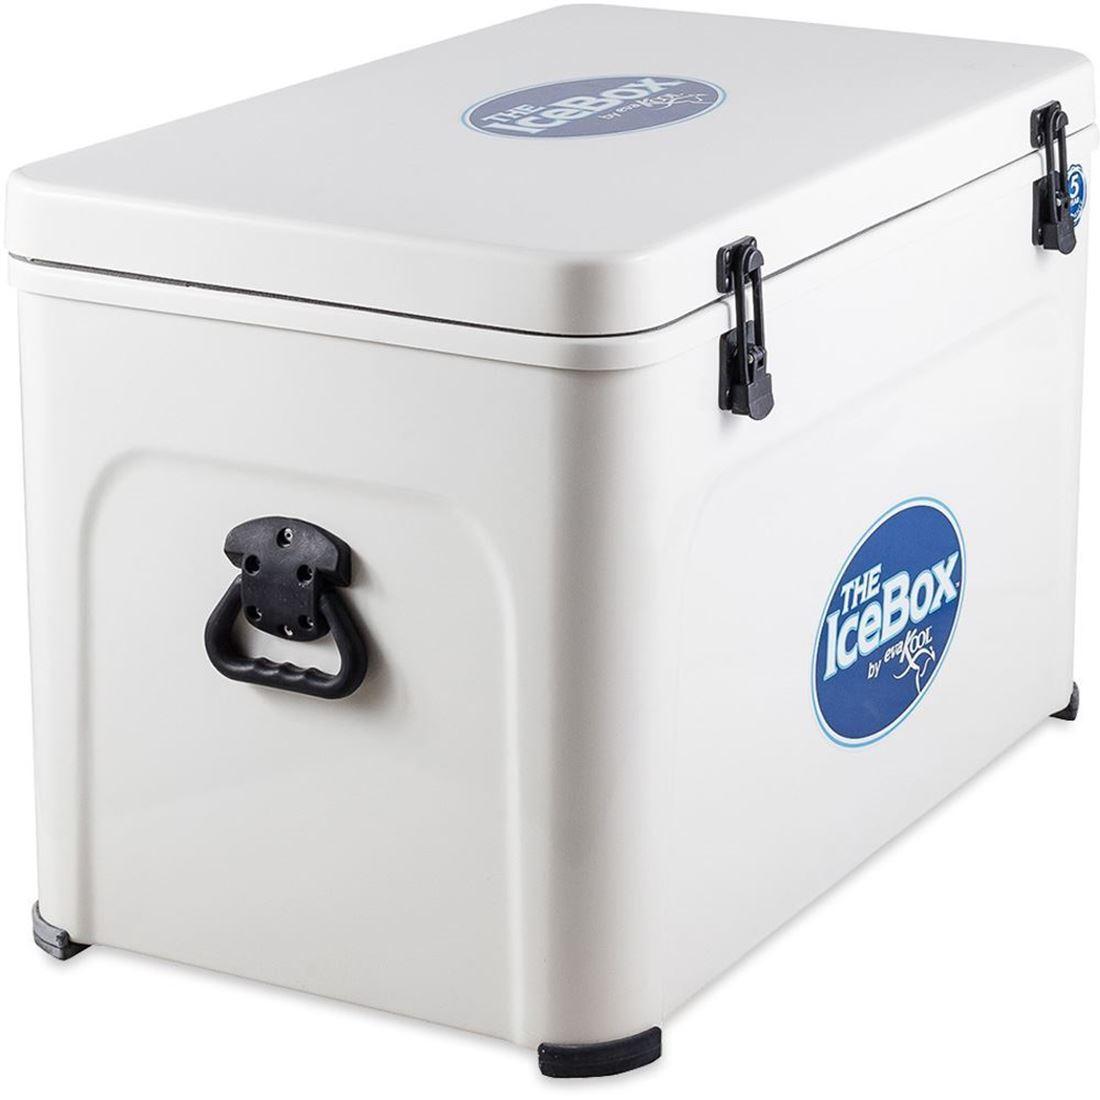 Evakool TIB120 Icebox - Round